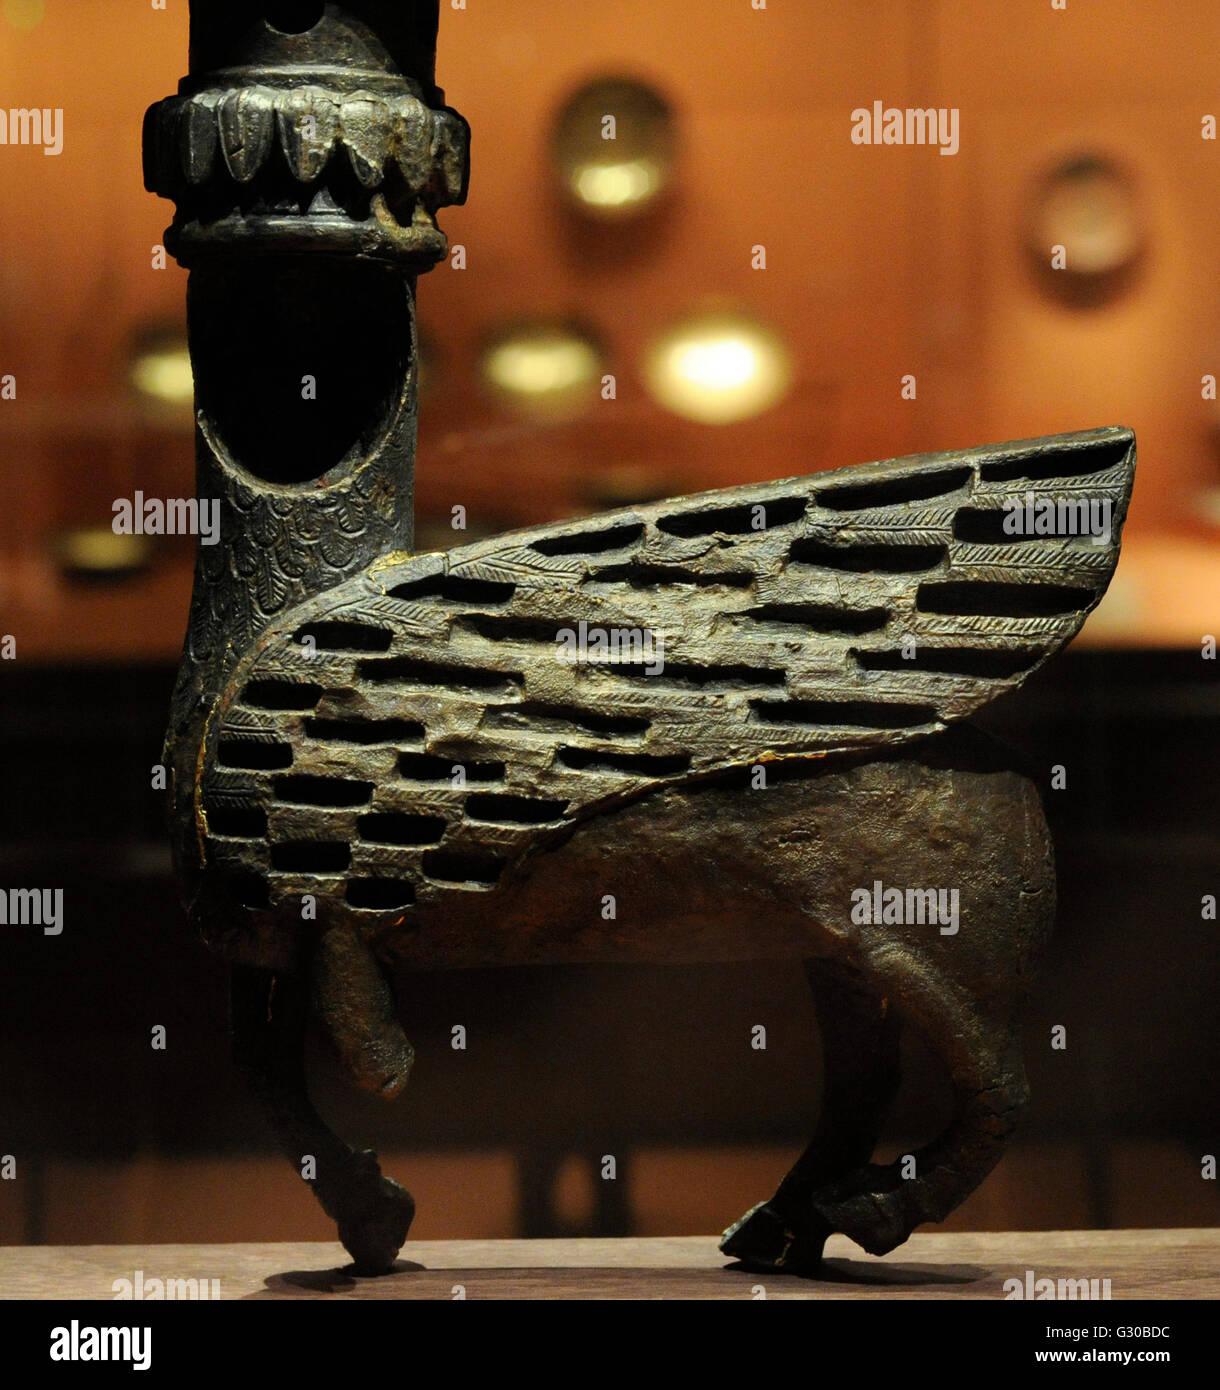 Königreich von Urartu. Element vom Thron der Gottheit. Bronze. Aus alten Rusahinili (Toprakkale, Türkei). Stockbild